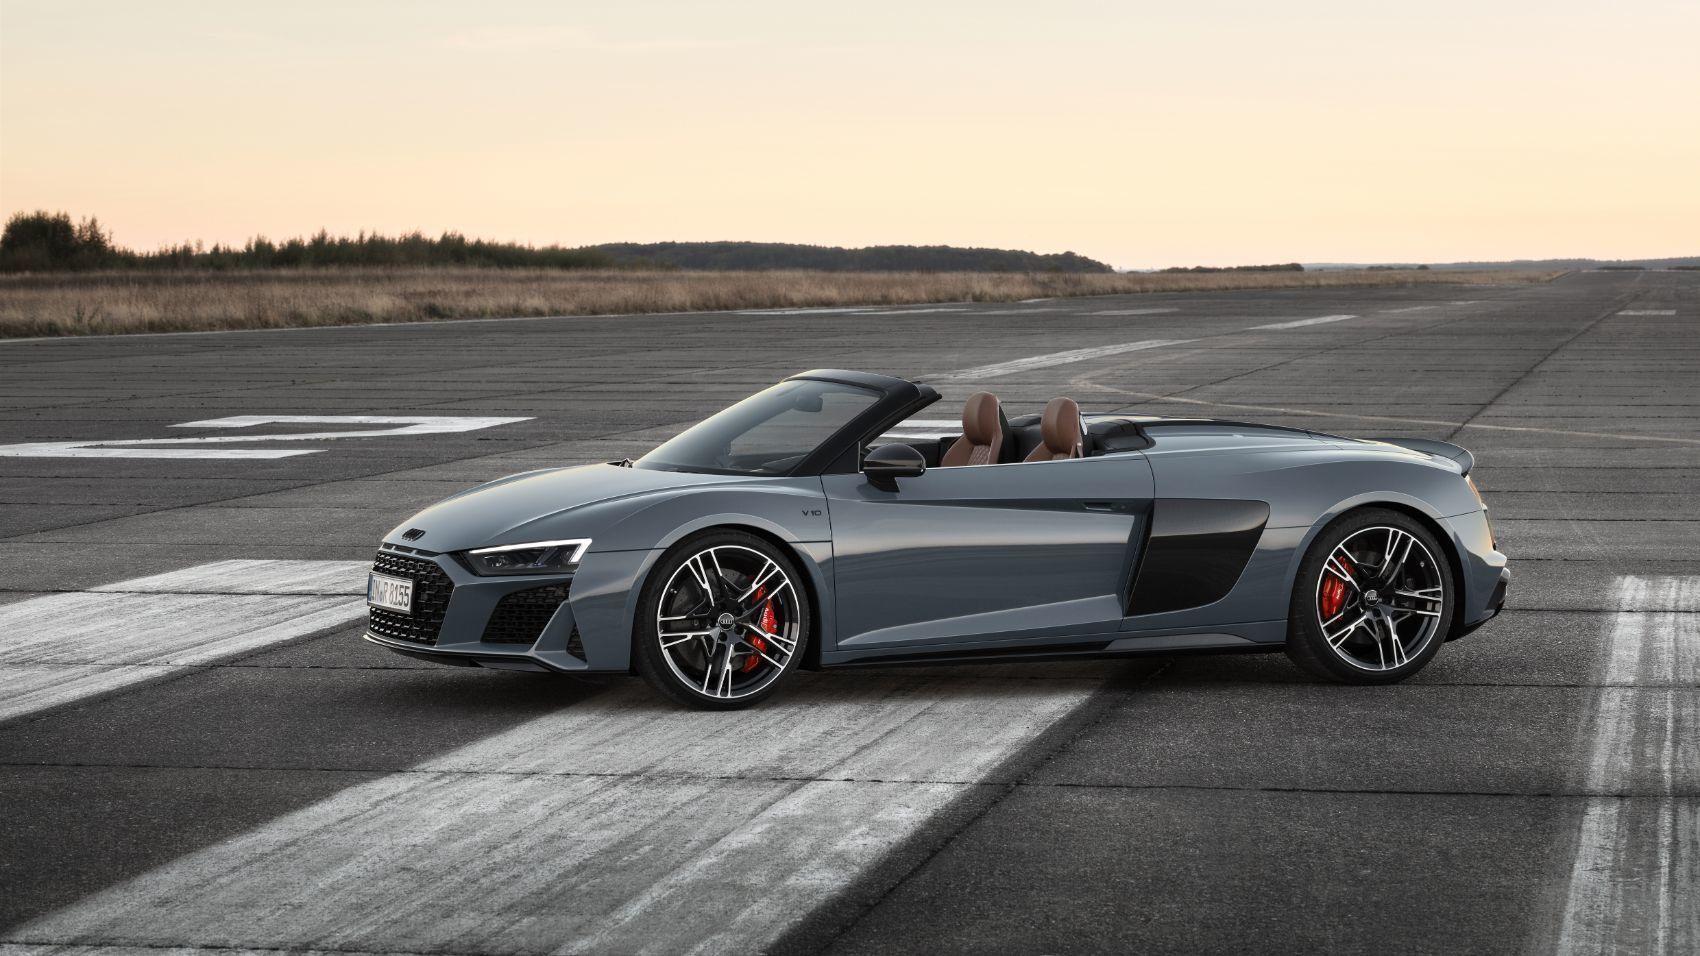 Audi R8 V10 Rwd Spyder 2019 4k Wallpaper Hd Car Wallpapers Id 13612